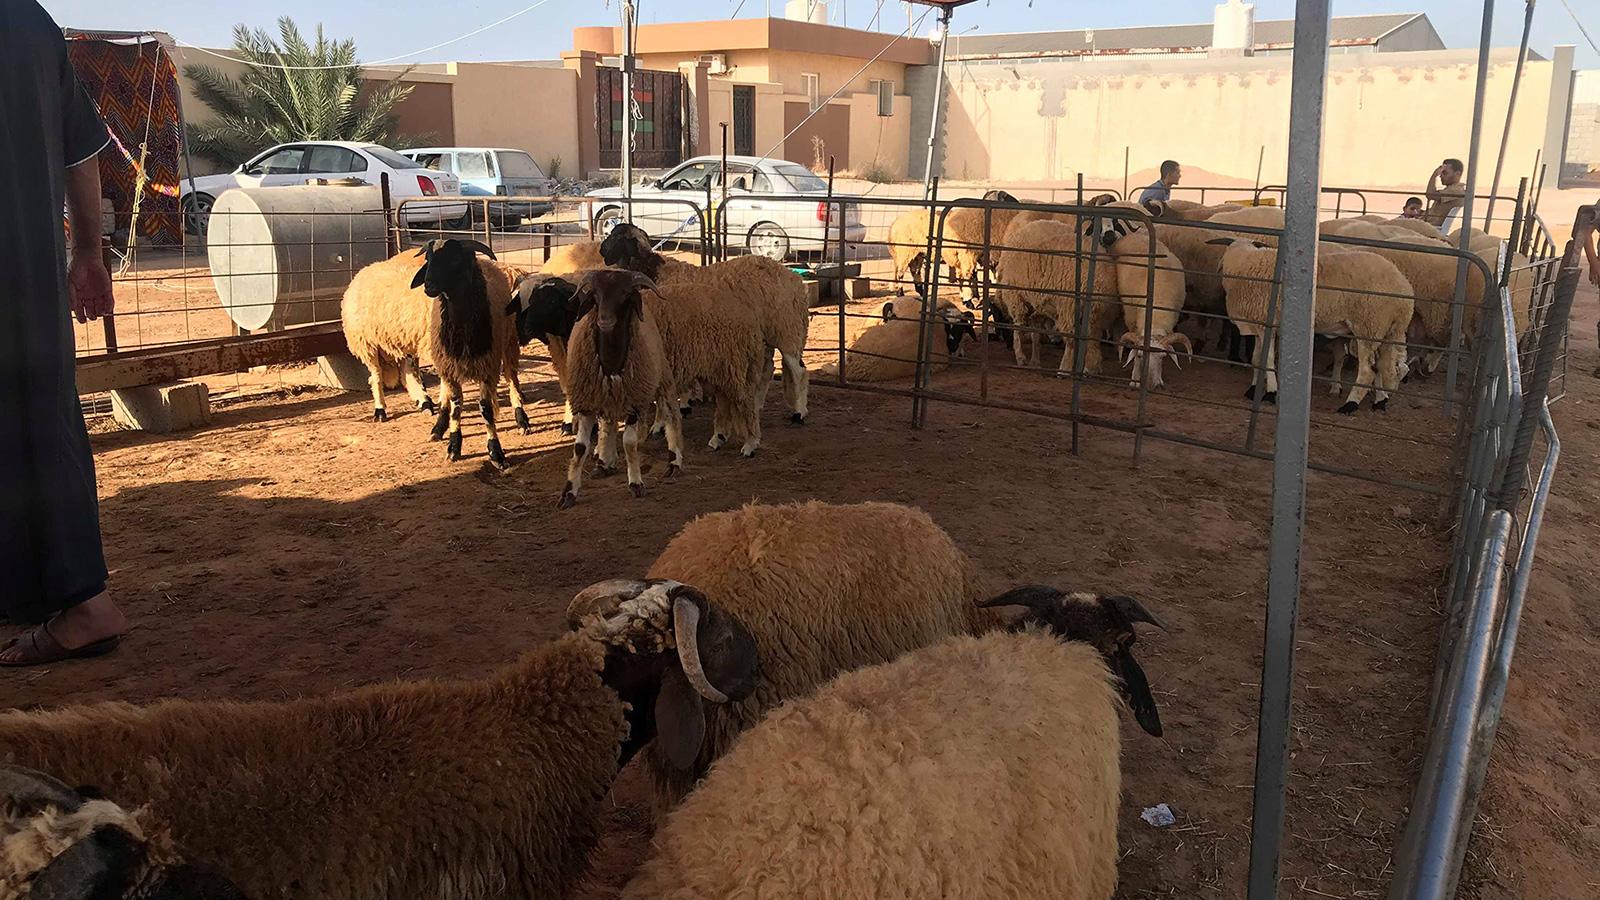 العيد في ليبيا غلاء الأضاحي يعمق جراح الحرب